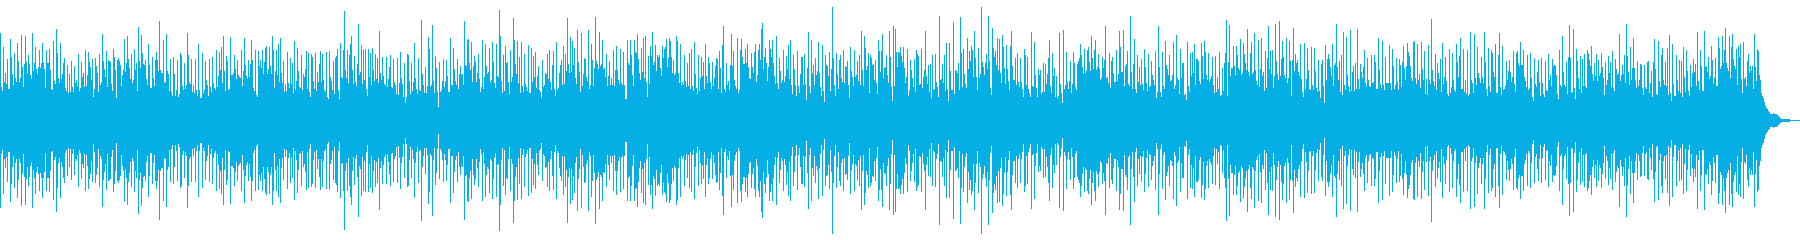 モダンロックの再生済みの波形